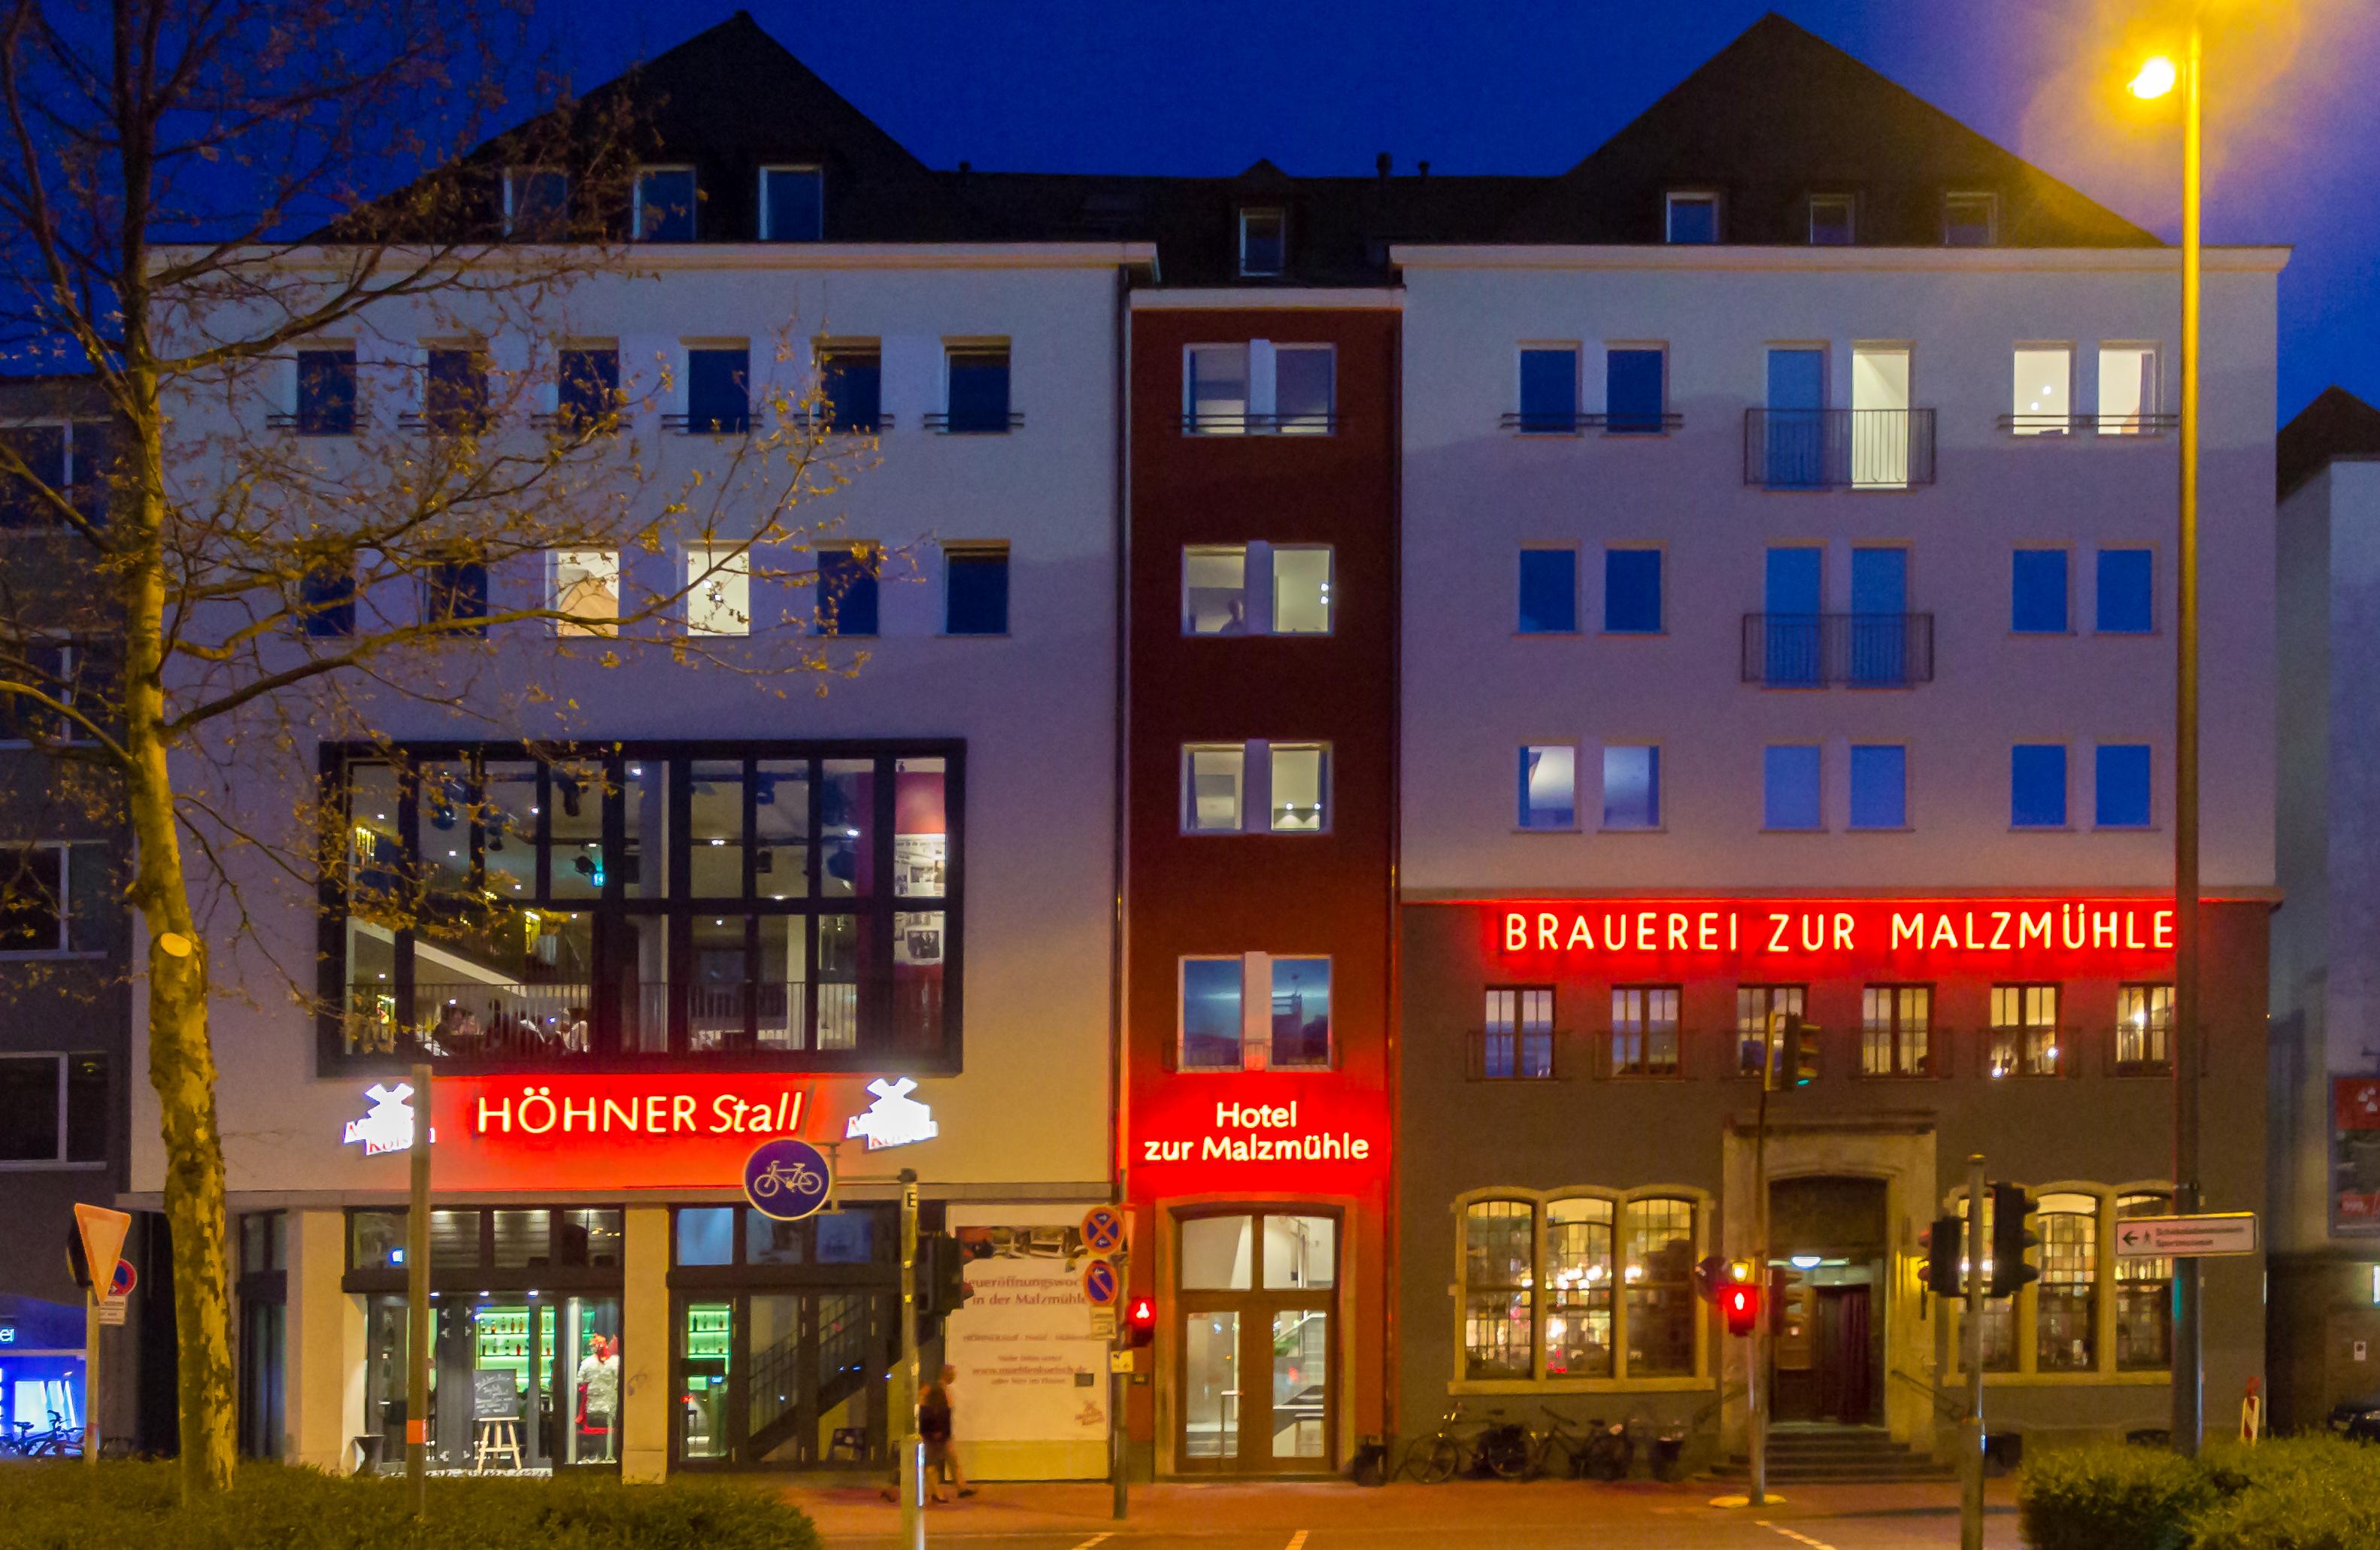 File:Brauerei zur Malzmühle mit Höhner Stall und Hotel zur ...